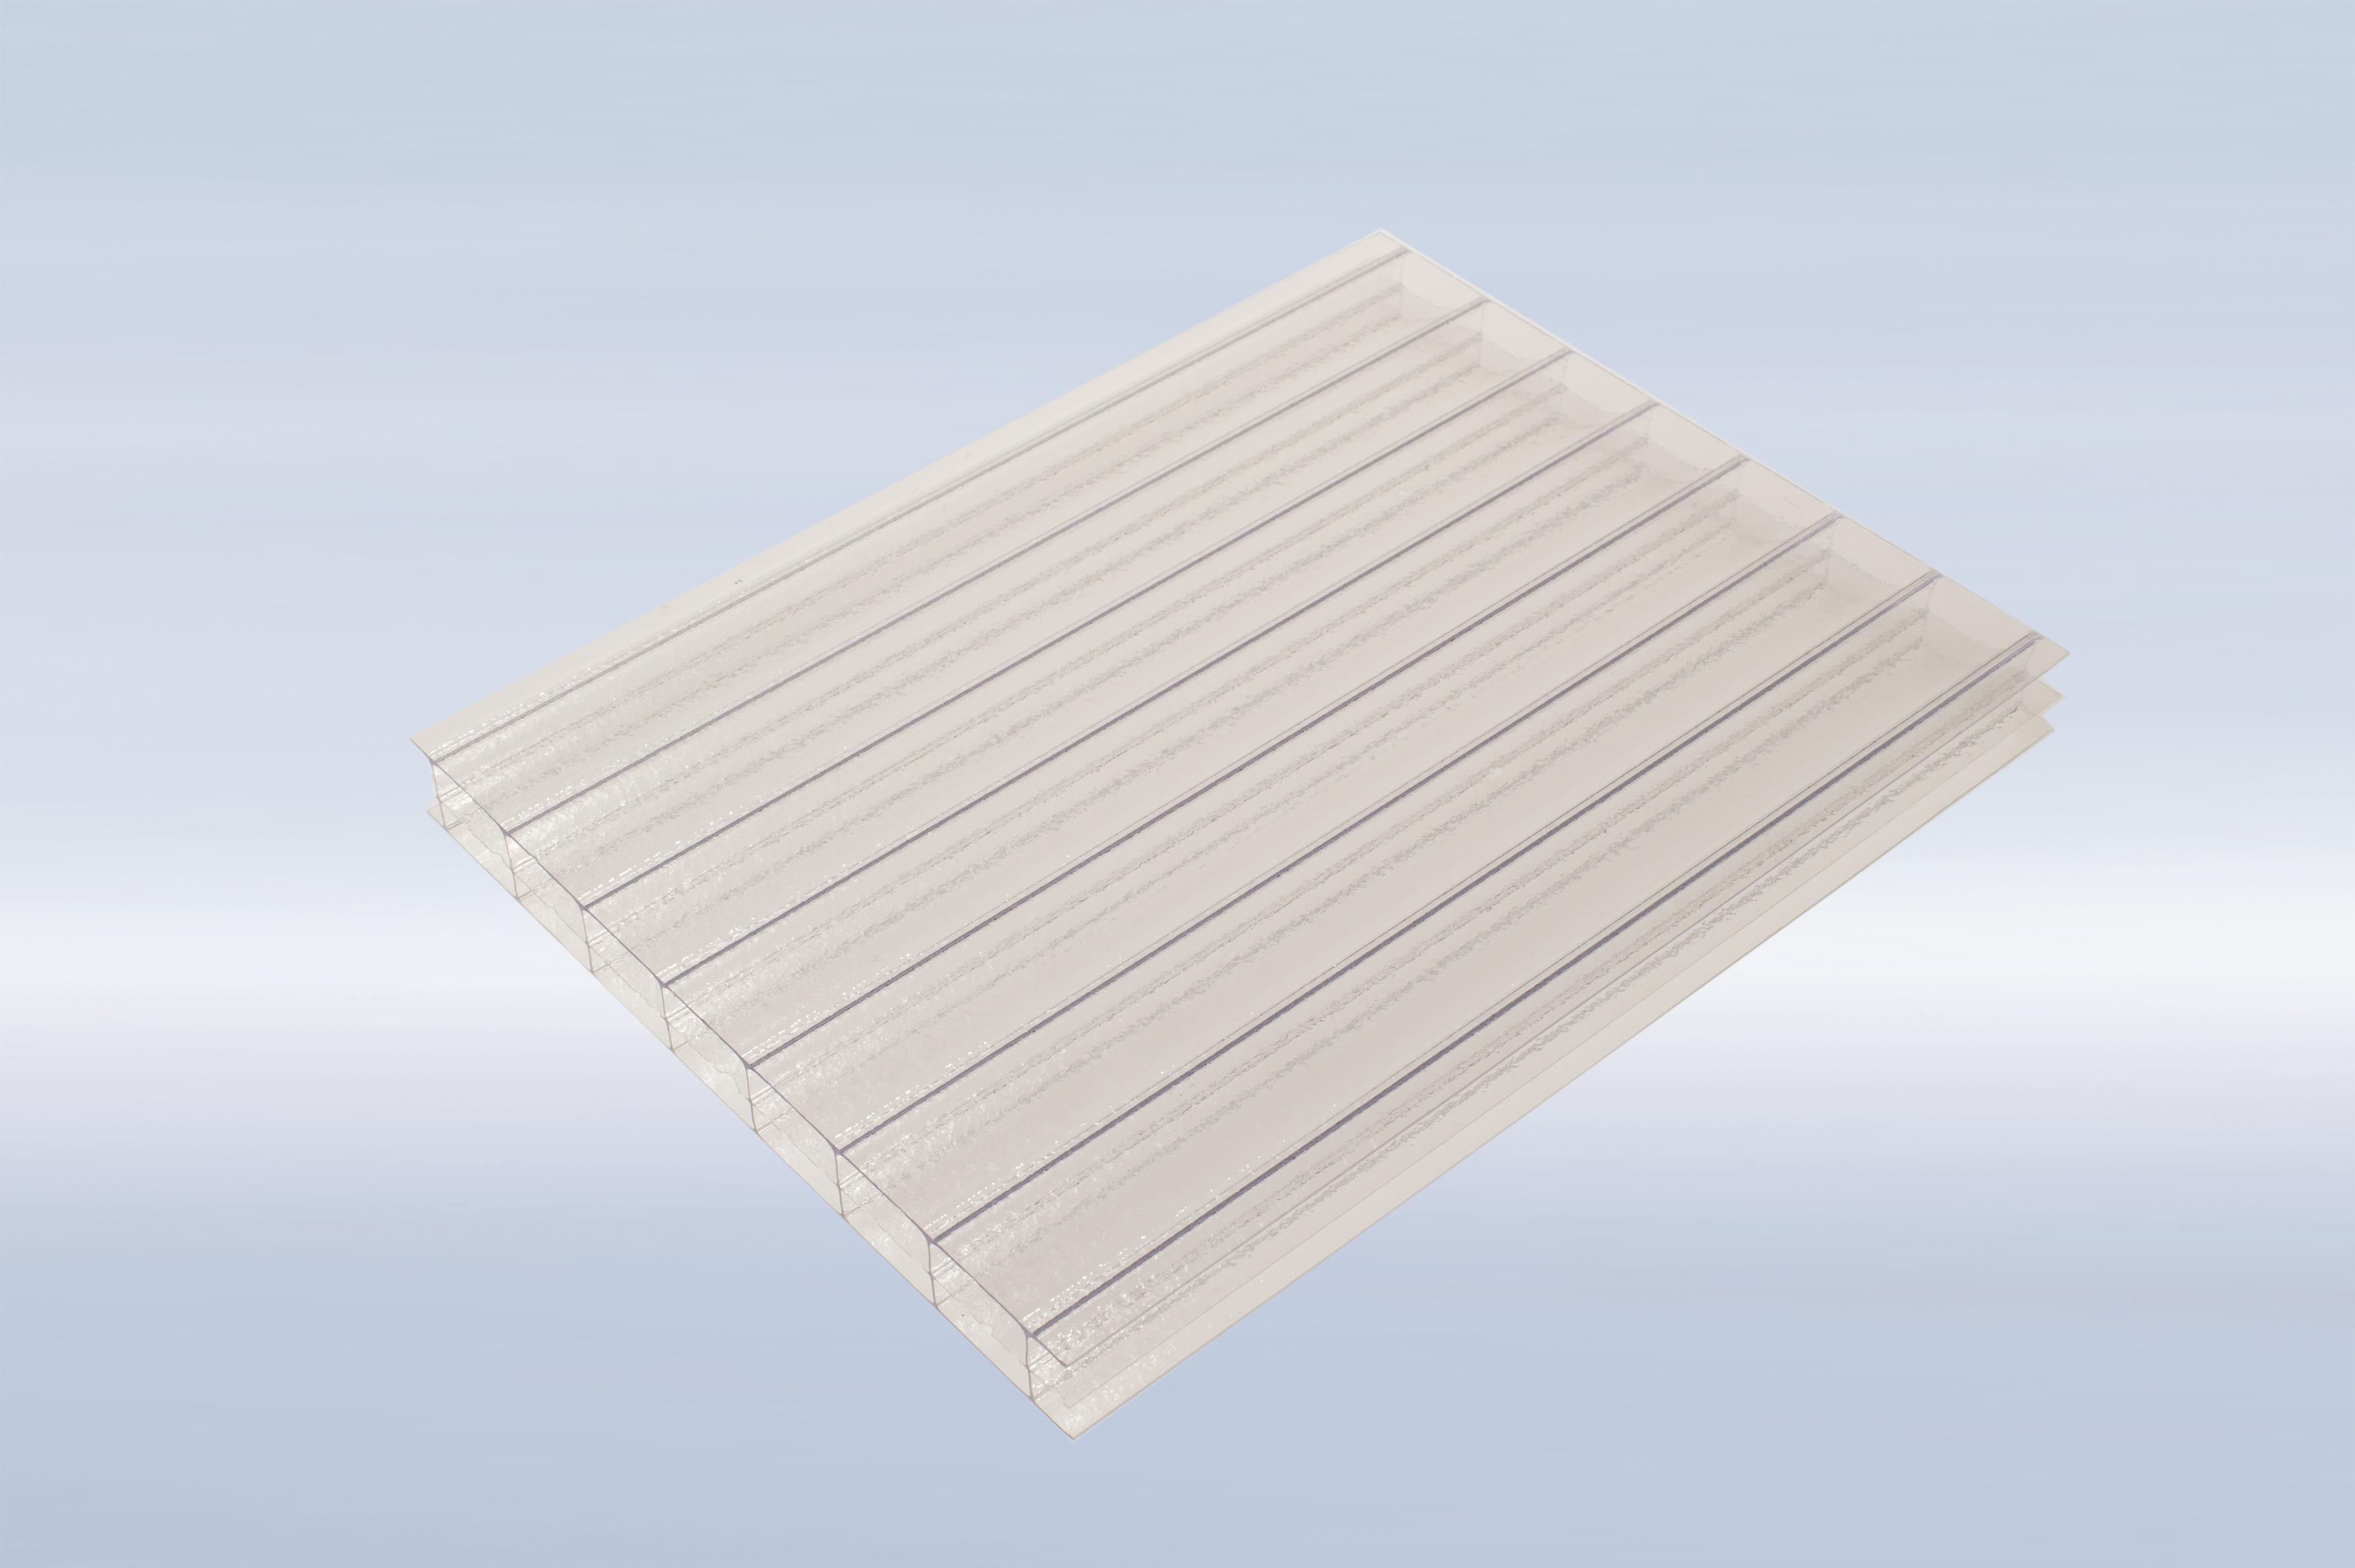 16mm stegplatten polycarbonat innenstruktur 3 fach bernd fitschen gnbr. Black Bedroom Furniture Sets. Home Design Ideas